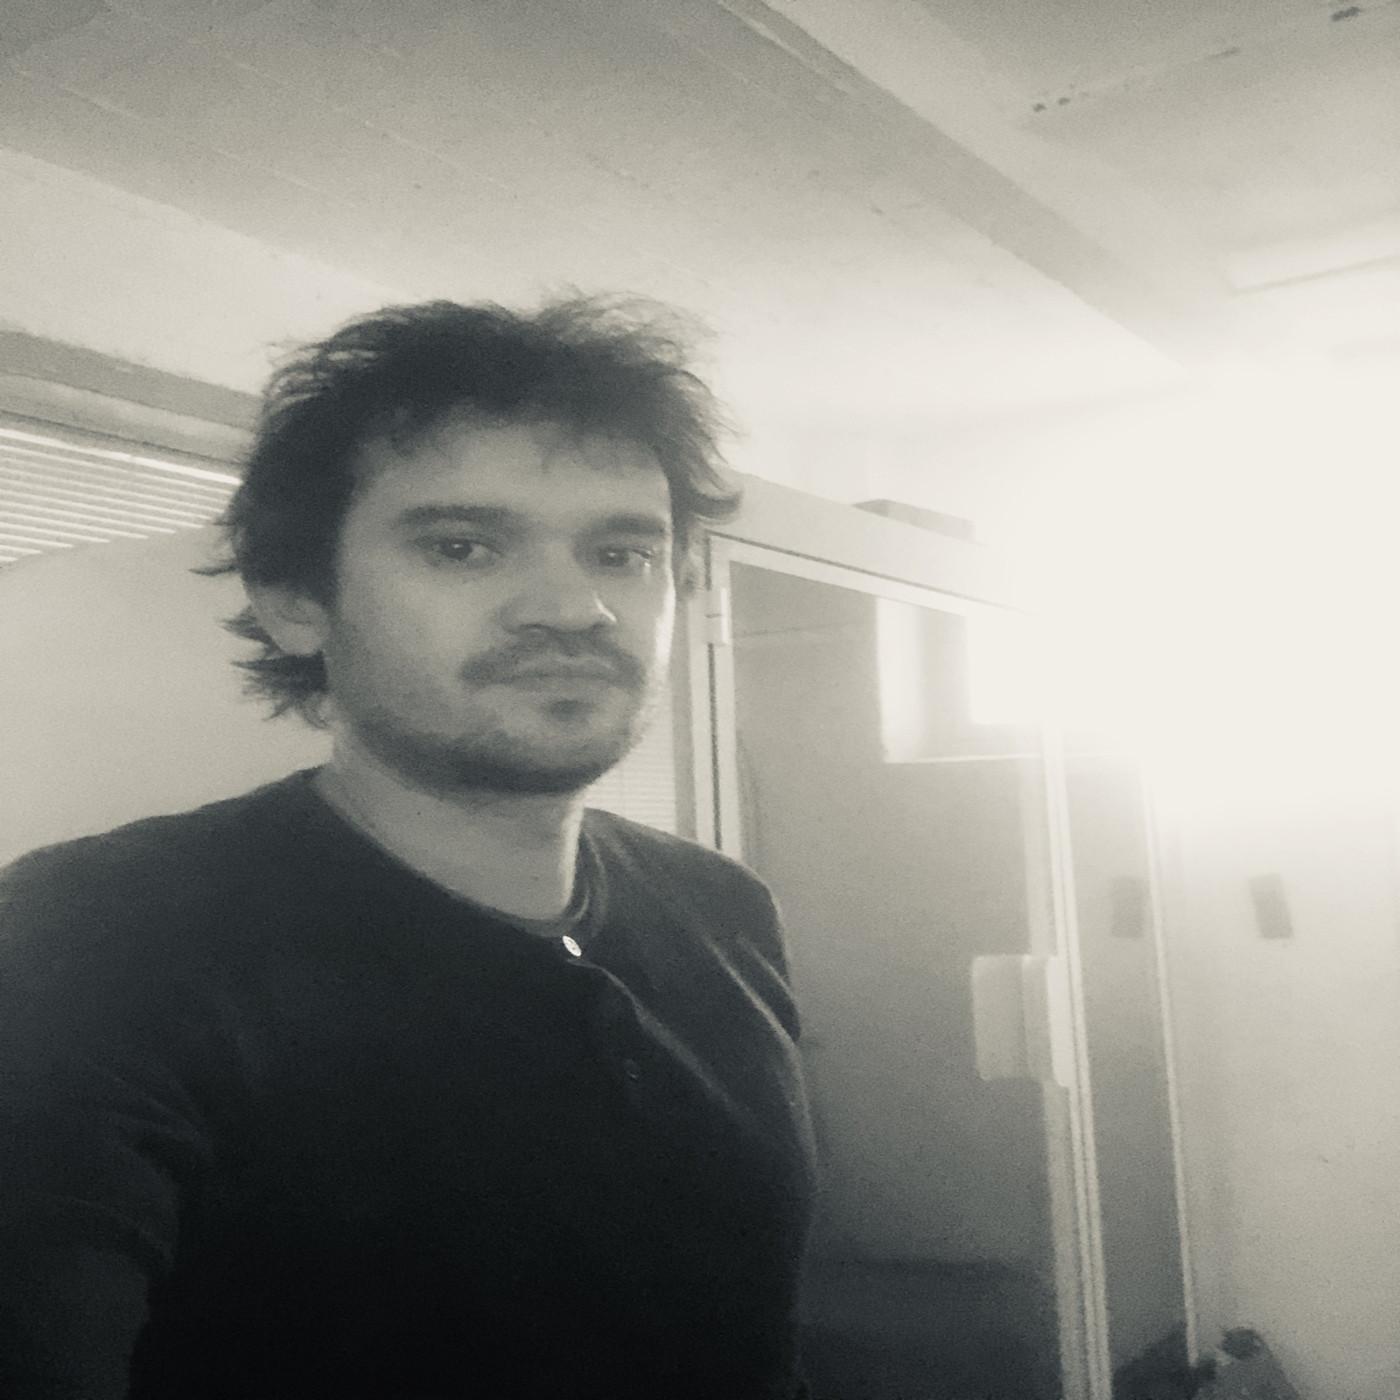 #52 Davy, dirigeant d'une société d'animation vidéo